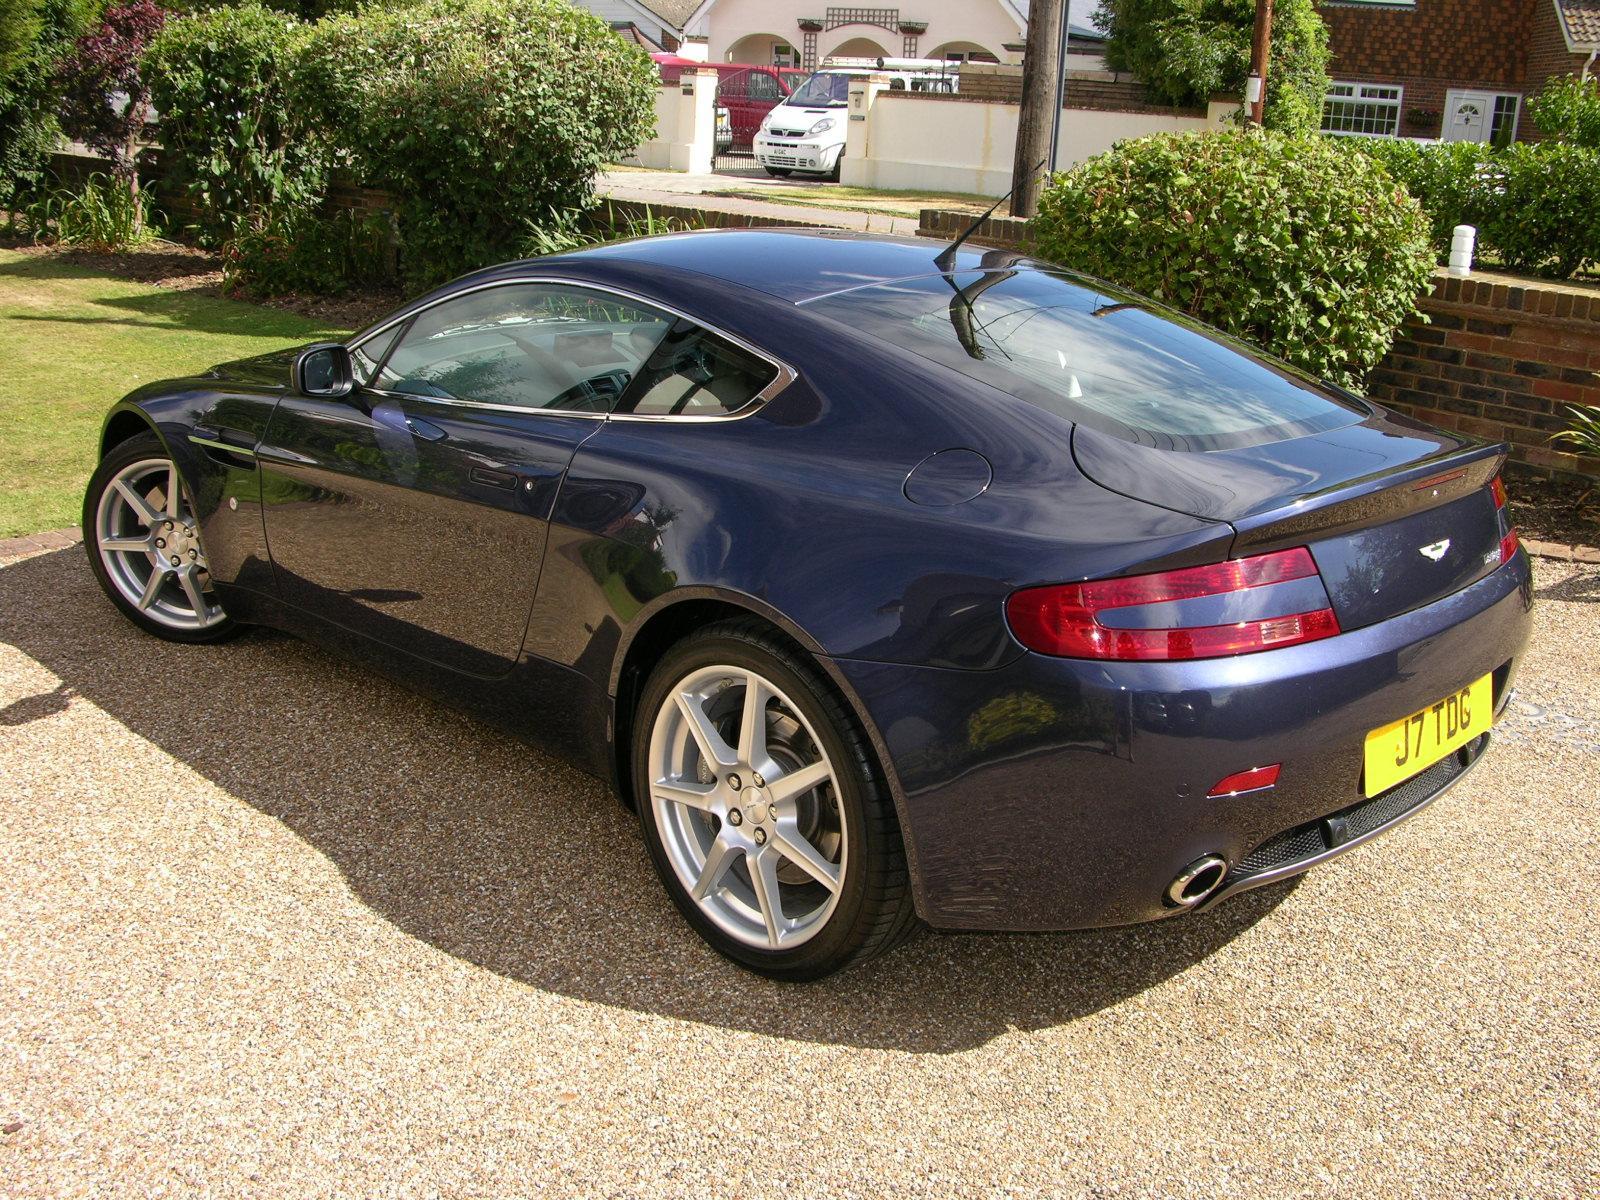 File Aston Martin V Vantage Flickr The Car Spy Jpg - 2006 aston martin v8 vantage